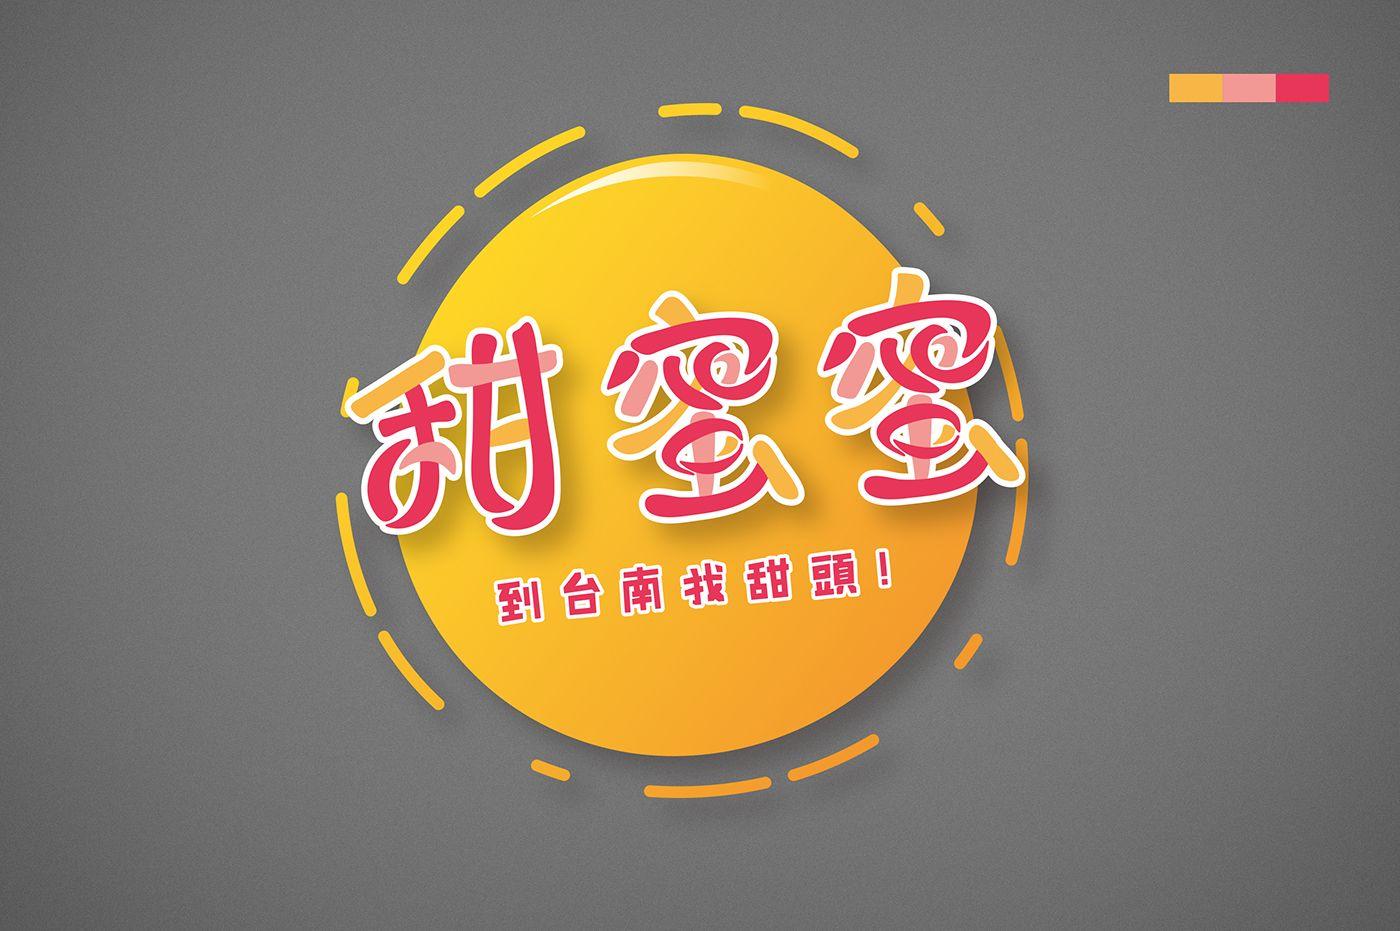 甜蜜蜜台南糖廠導覽-Tainan Sugar refinery on Behance